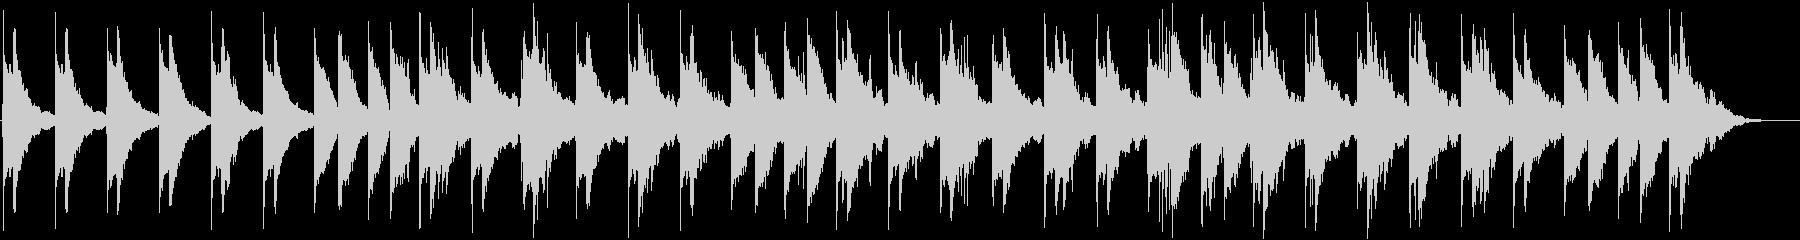 音と音の隙間の多いアンビエント系BGMの未再生の波形